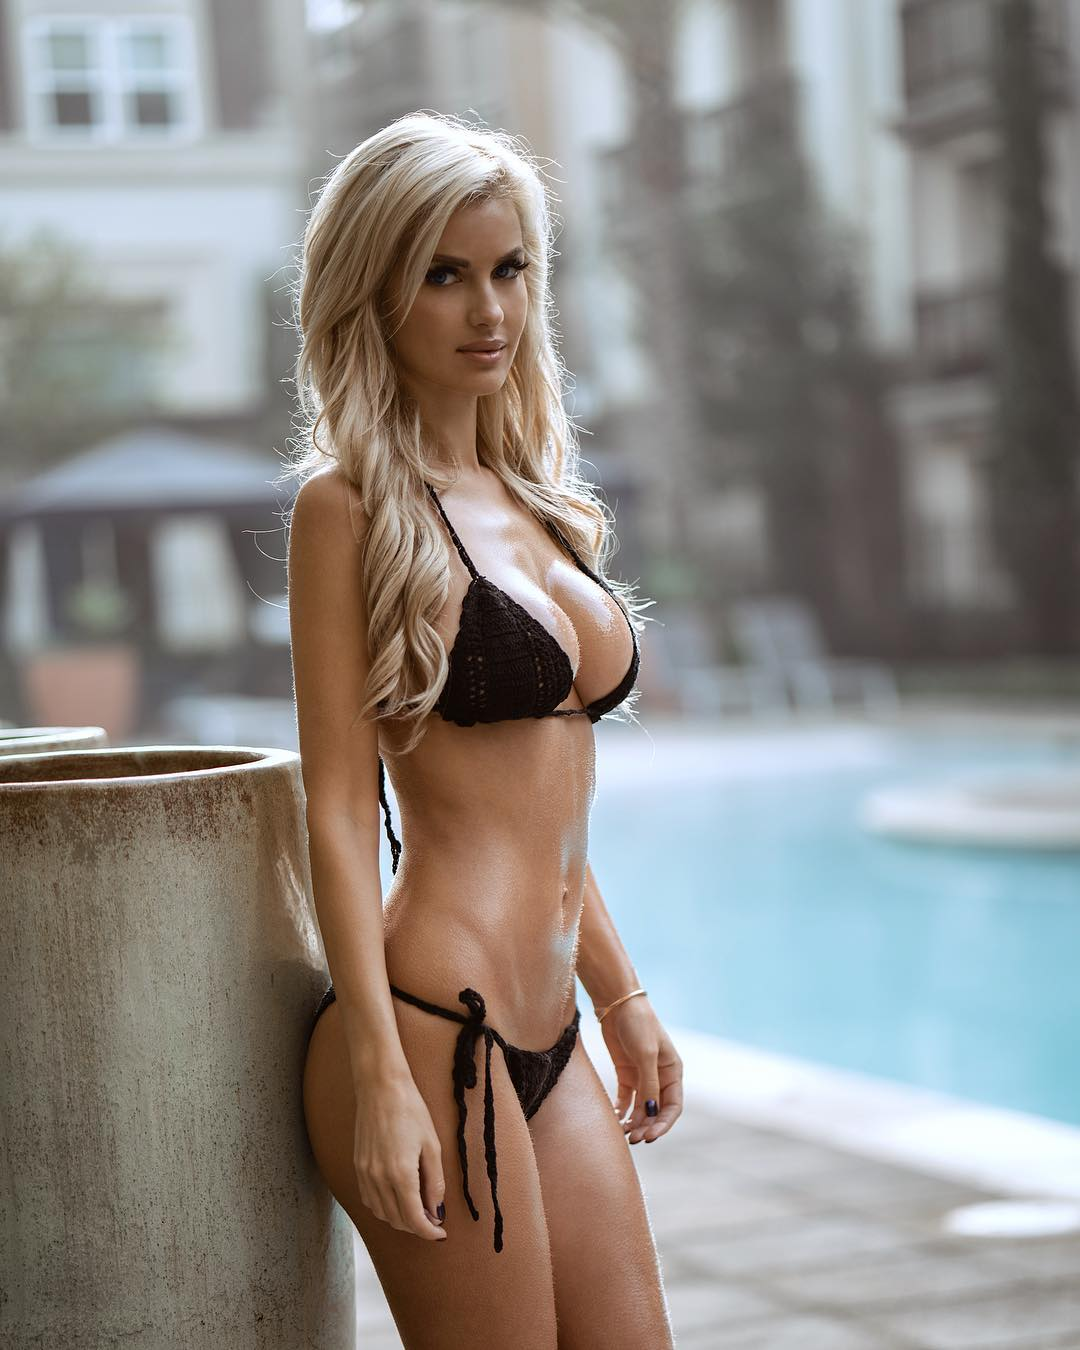 Leanna Bartlett Nude